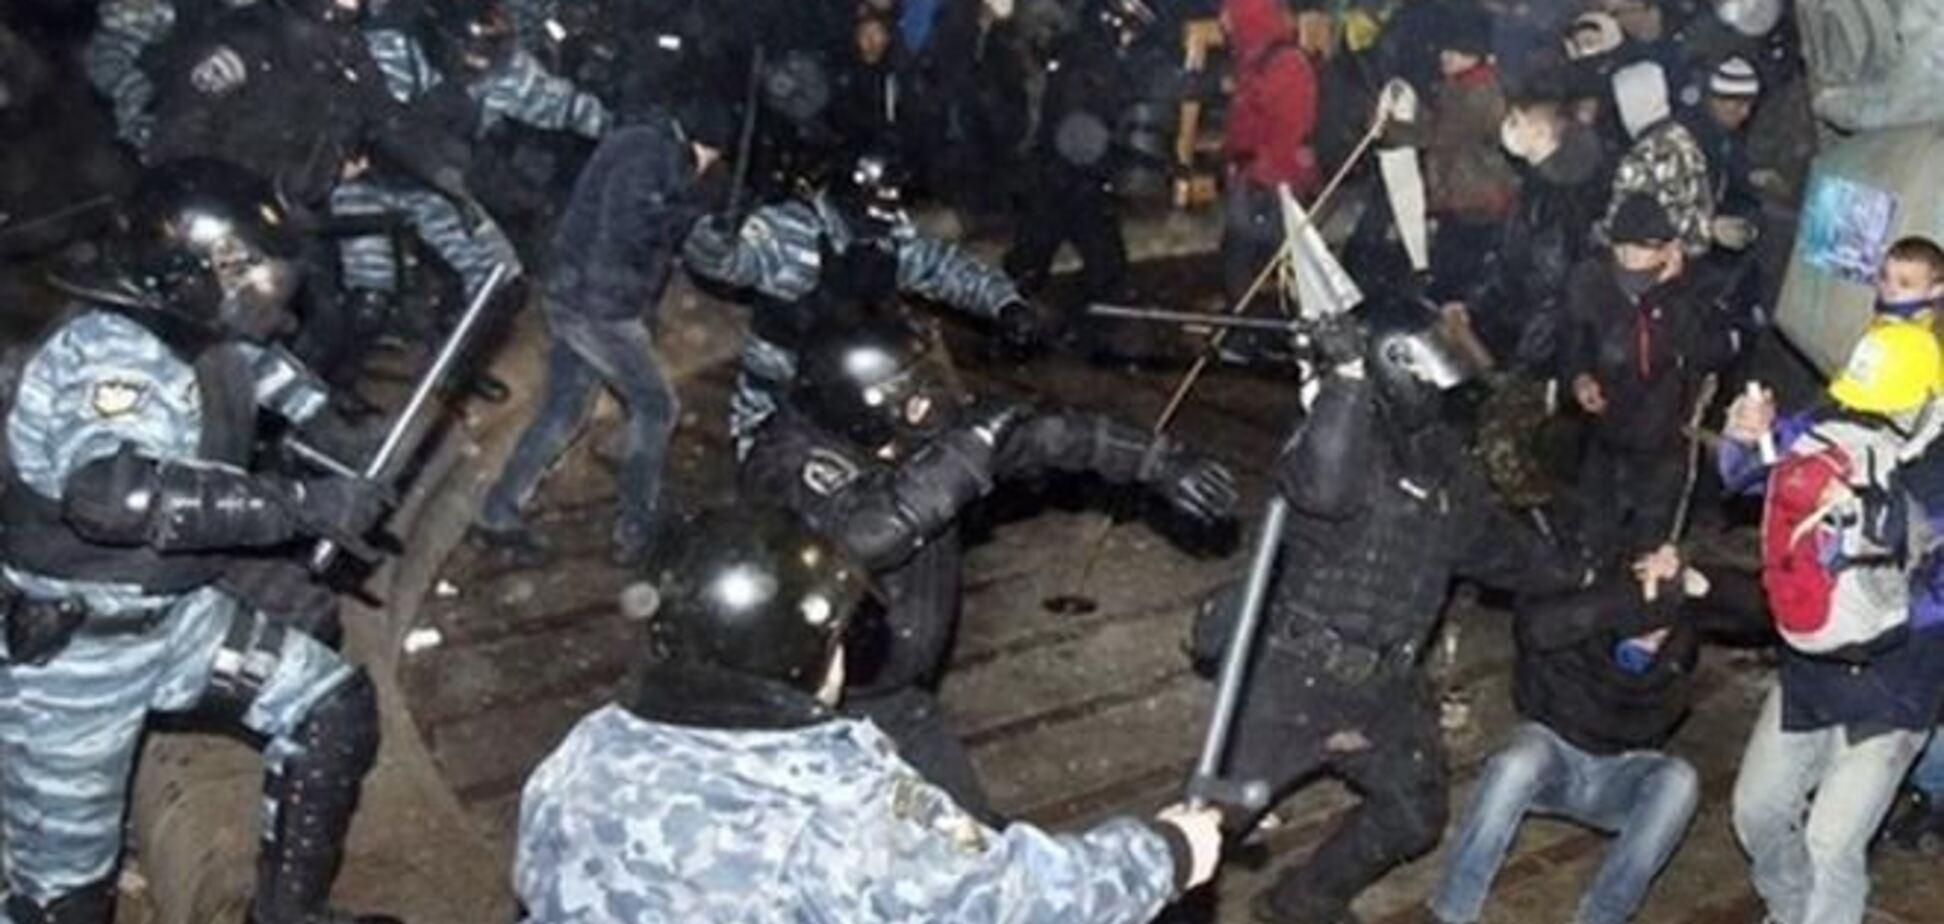 Гриценко получил записи радиообмена 'Беркута' во время разгона Евромайдана